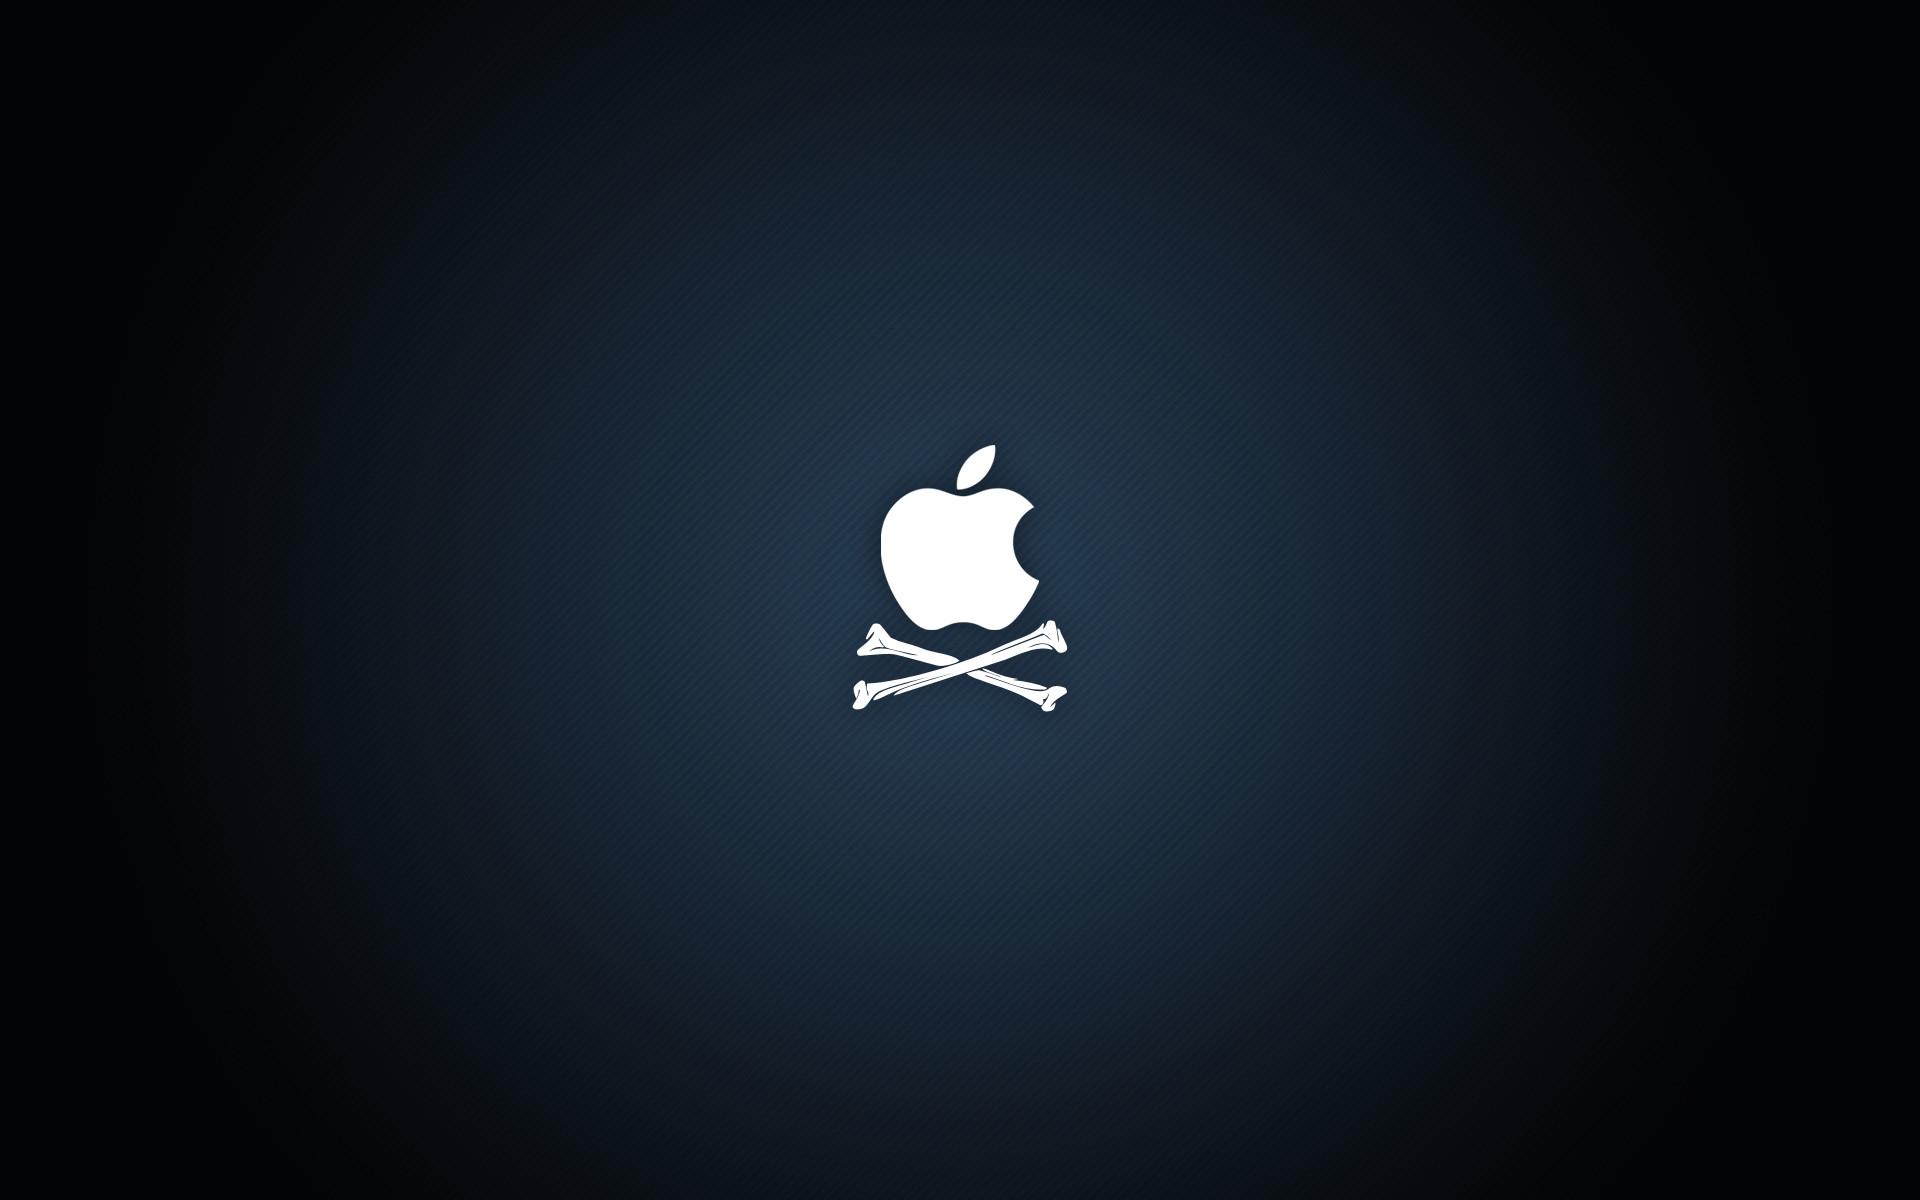 link – Using Mac (Flickr)